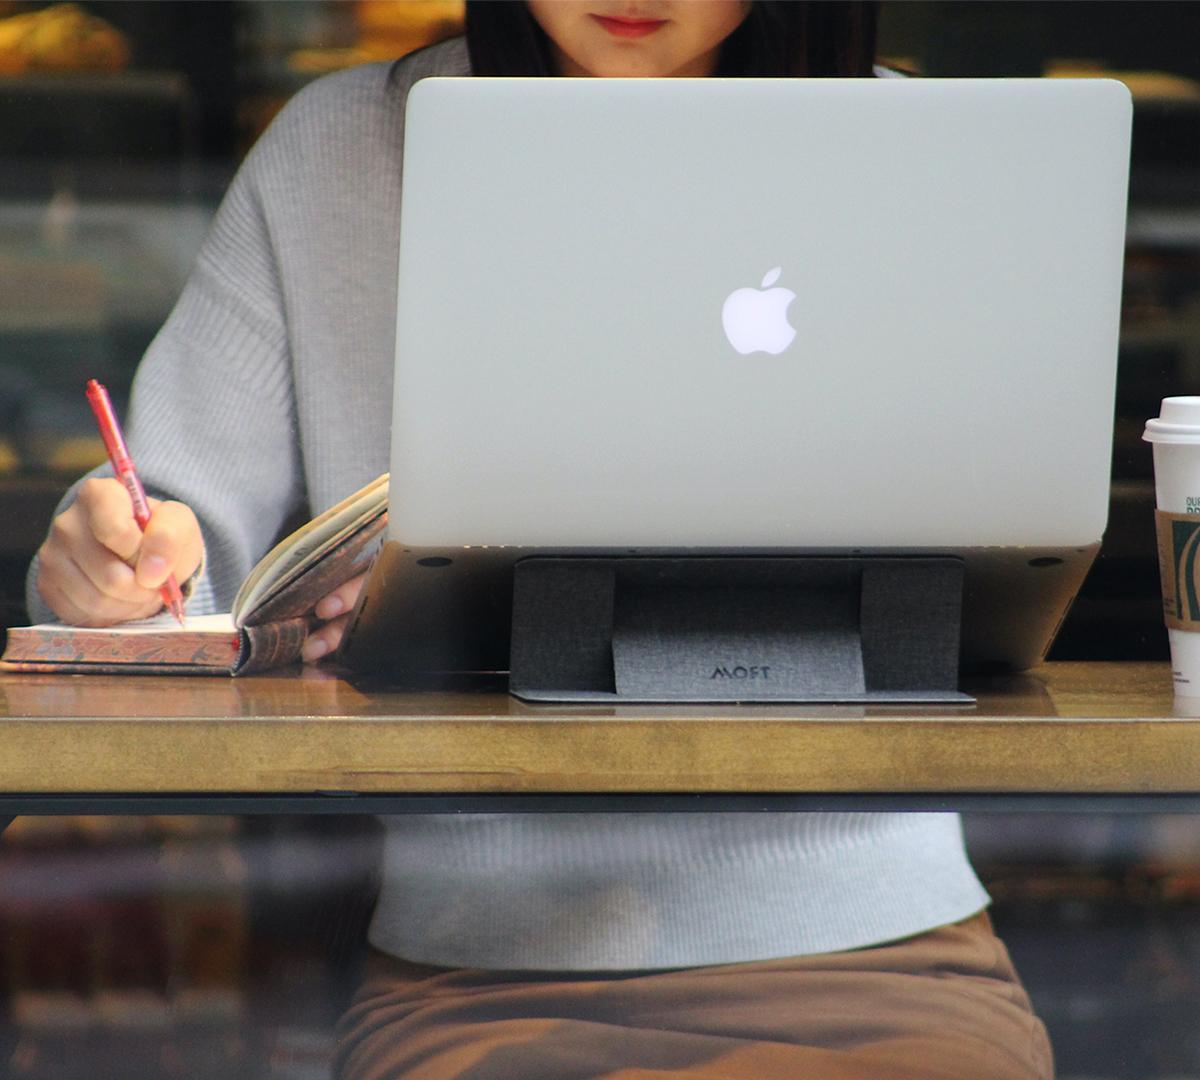 目線が上がって、自然と肩が開き、背筋も伸びる。無意識に力んでいた肩の力が抜け、PC作業時の姿勢がラクに。タイピングも快適になる薄さ3ミリの「ノートPCスタンド」|MOFT(モフト)